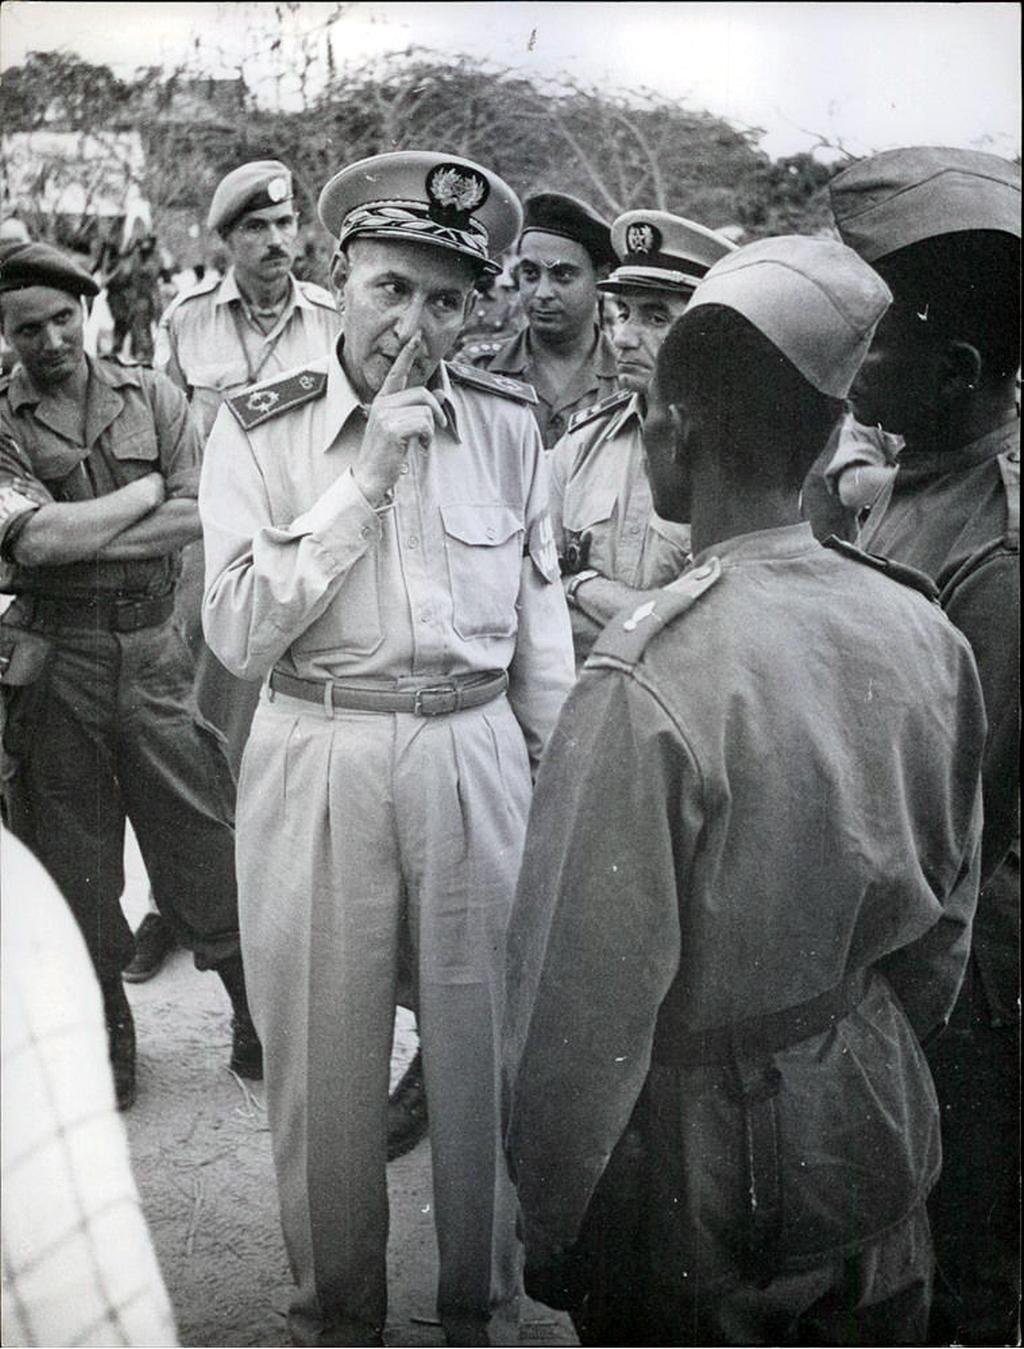 Les Forces Armées Royales au Congo - ONUC - 1960/61 160901034048838617